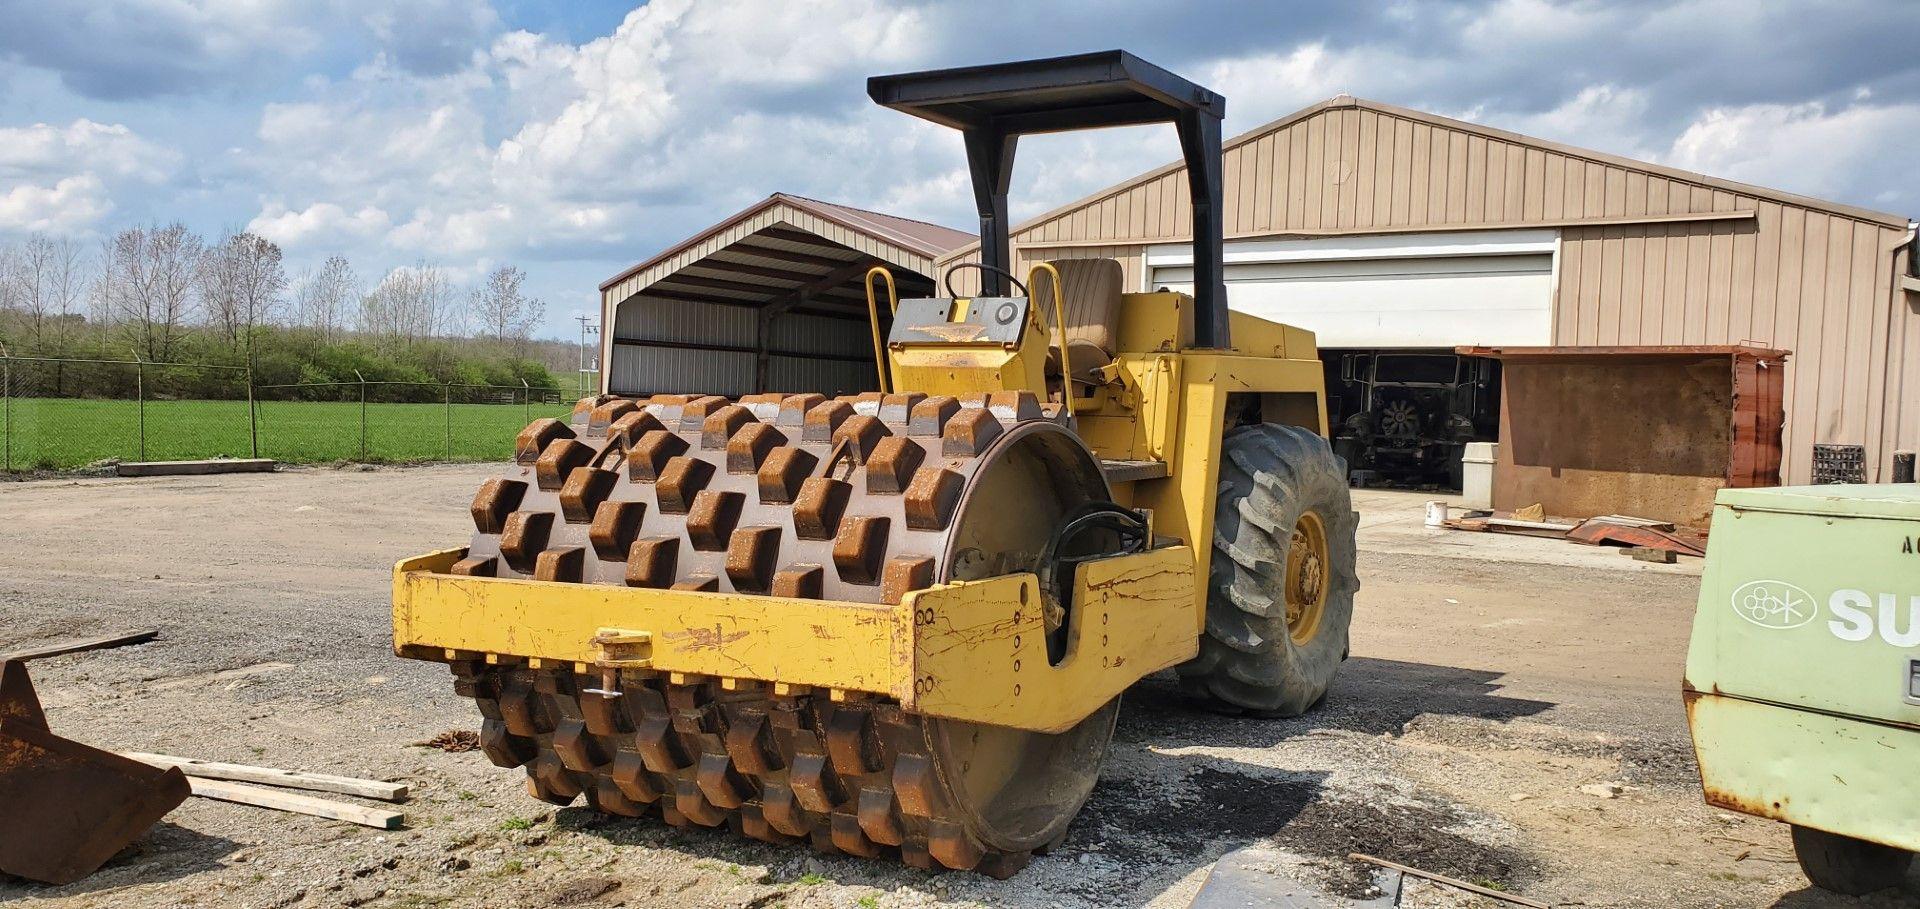 Bomag Model BW 213 Vibratory Roller w/ Shell Kit, s/n 101400250137, 3016 Hours, Deitz Diesel - Image 5 of 8